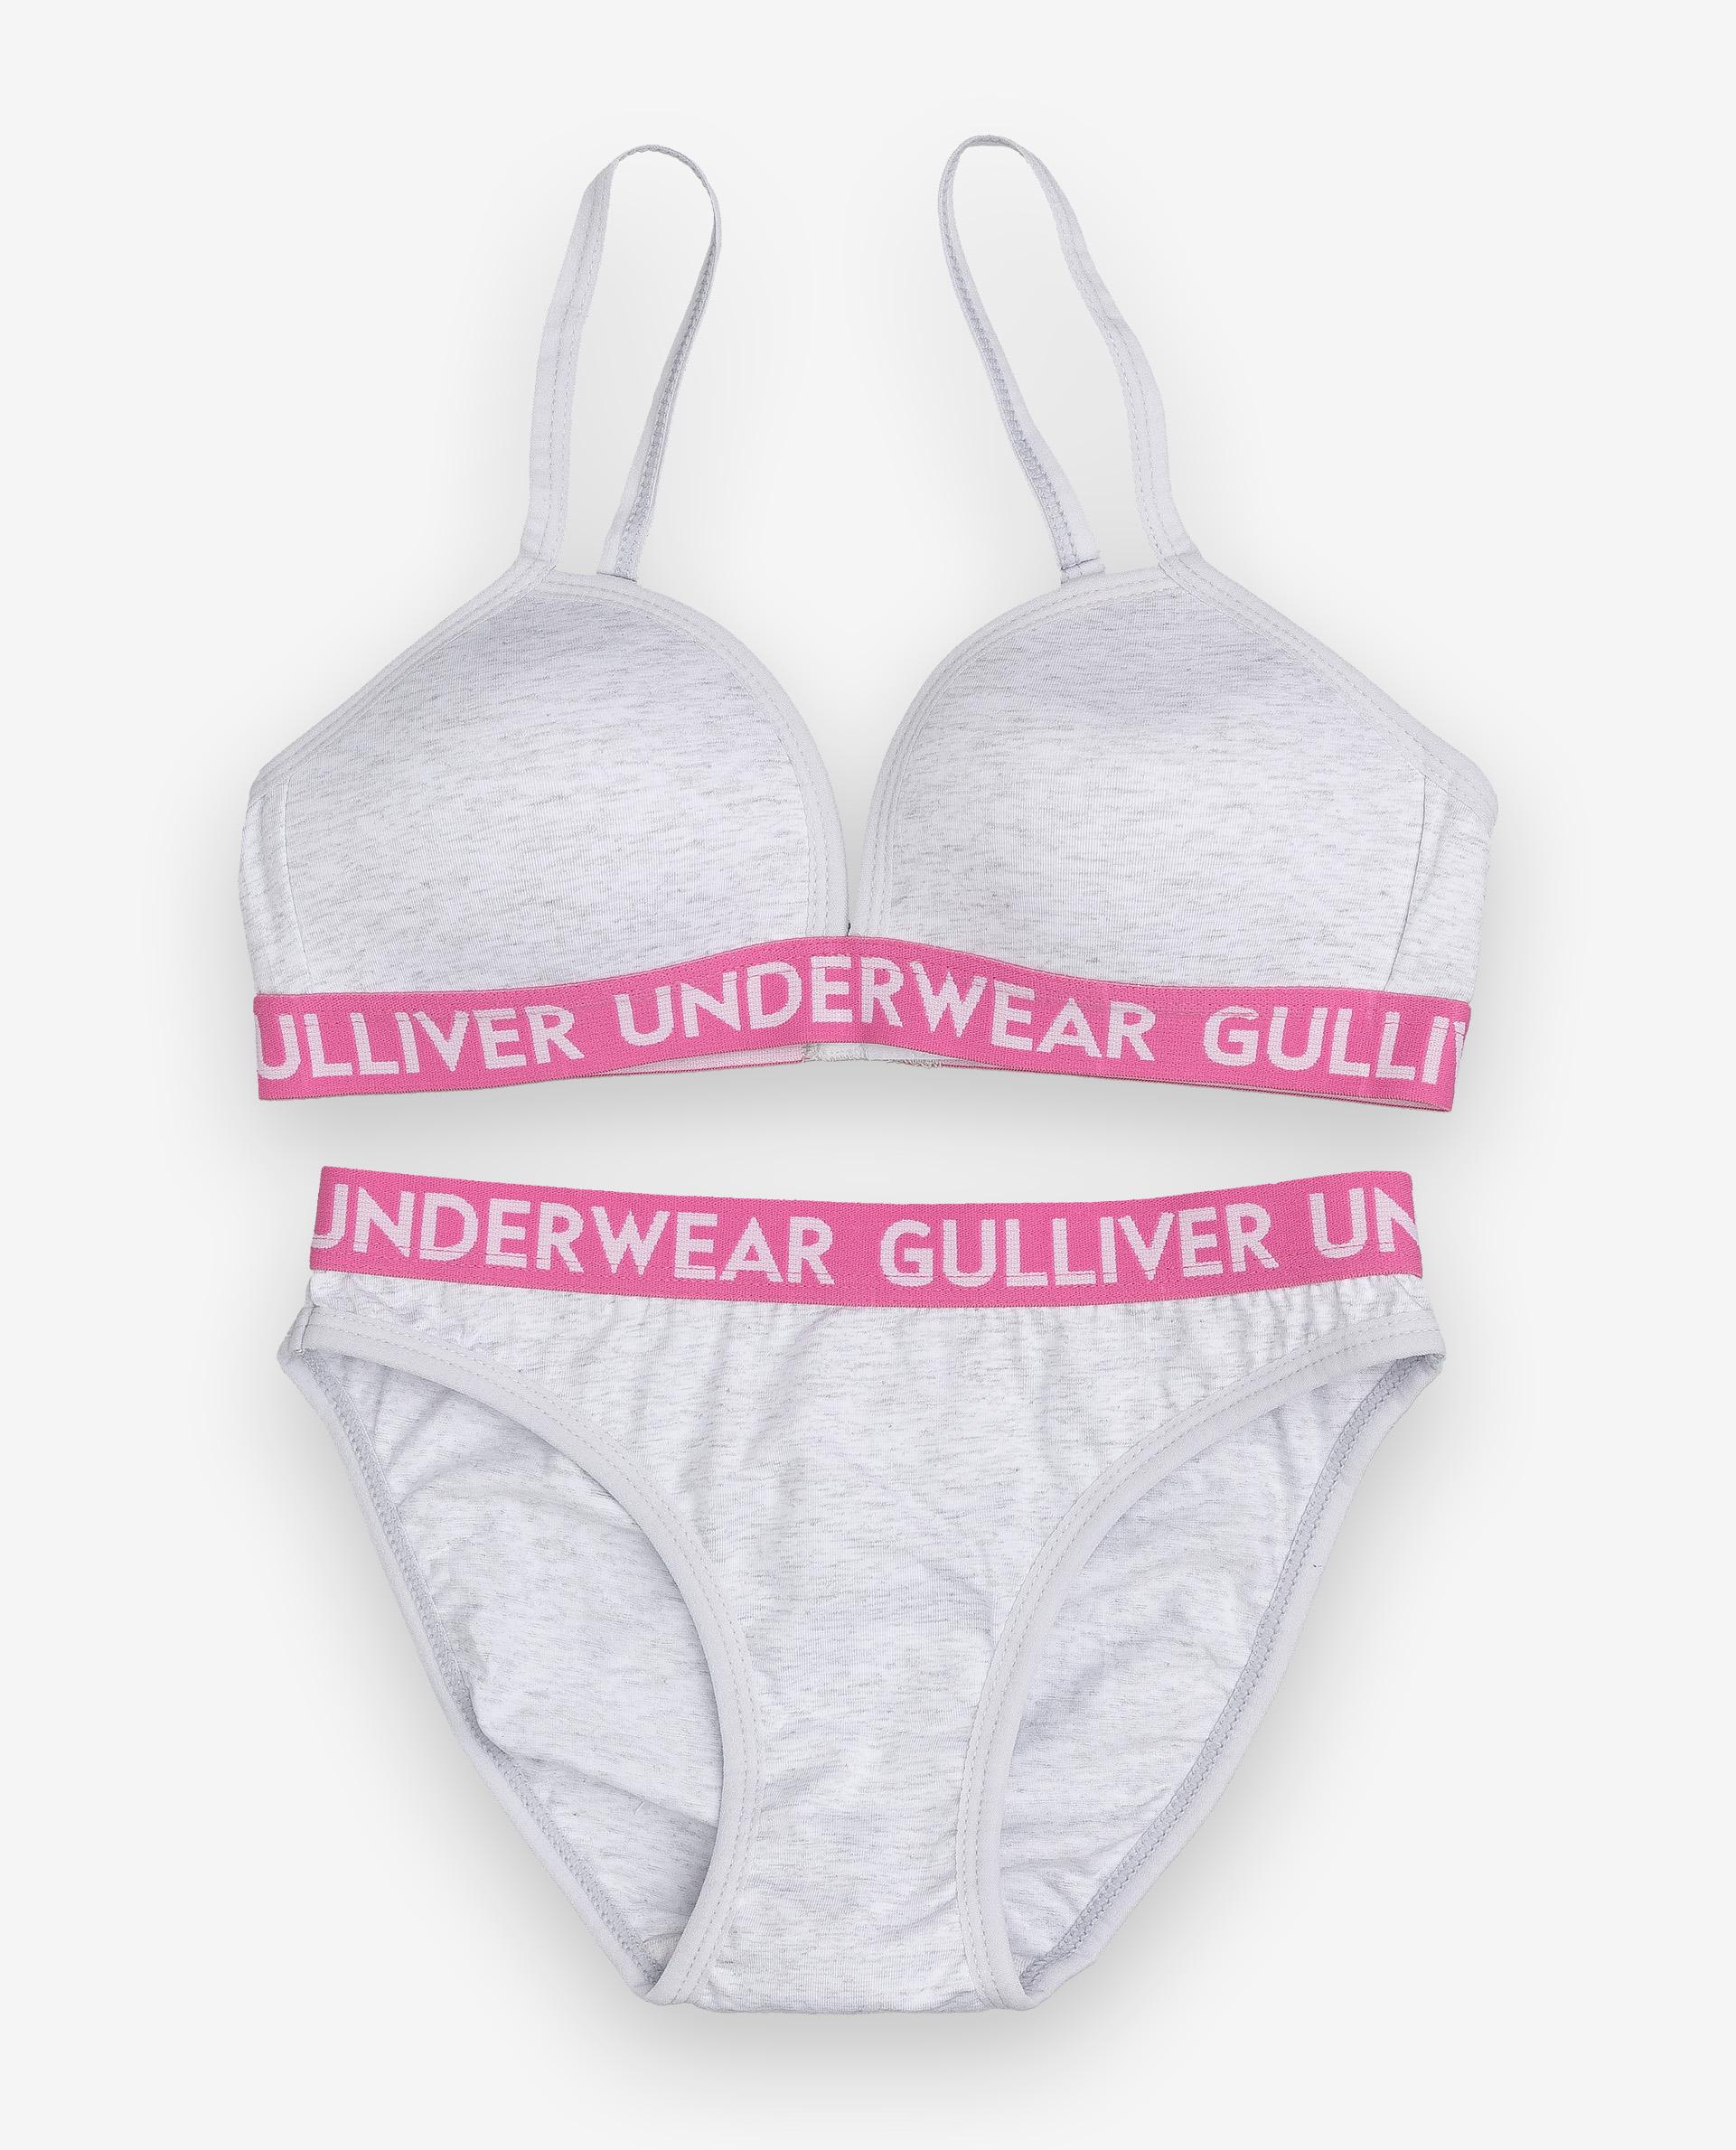 Купить 12000GC9610, Комплект из топа и трусов Gulliver, серый, 146-152, Женский, ОСЕНЬ/ЗИМА 2020-2021 (shop: GulliverMarket Gulliver Market)